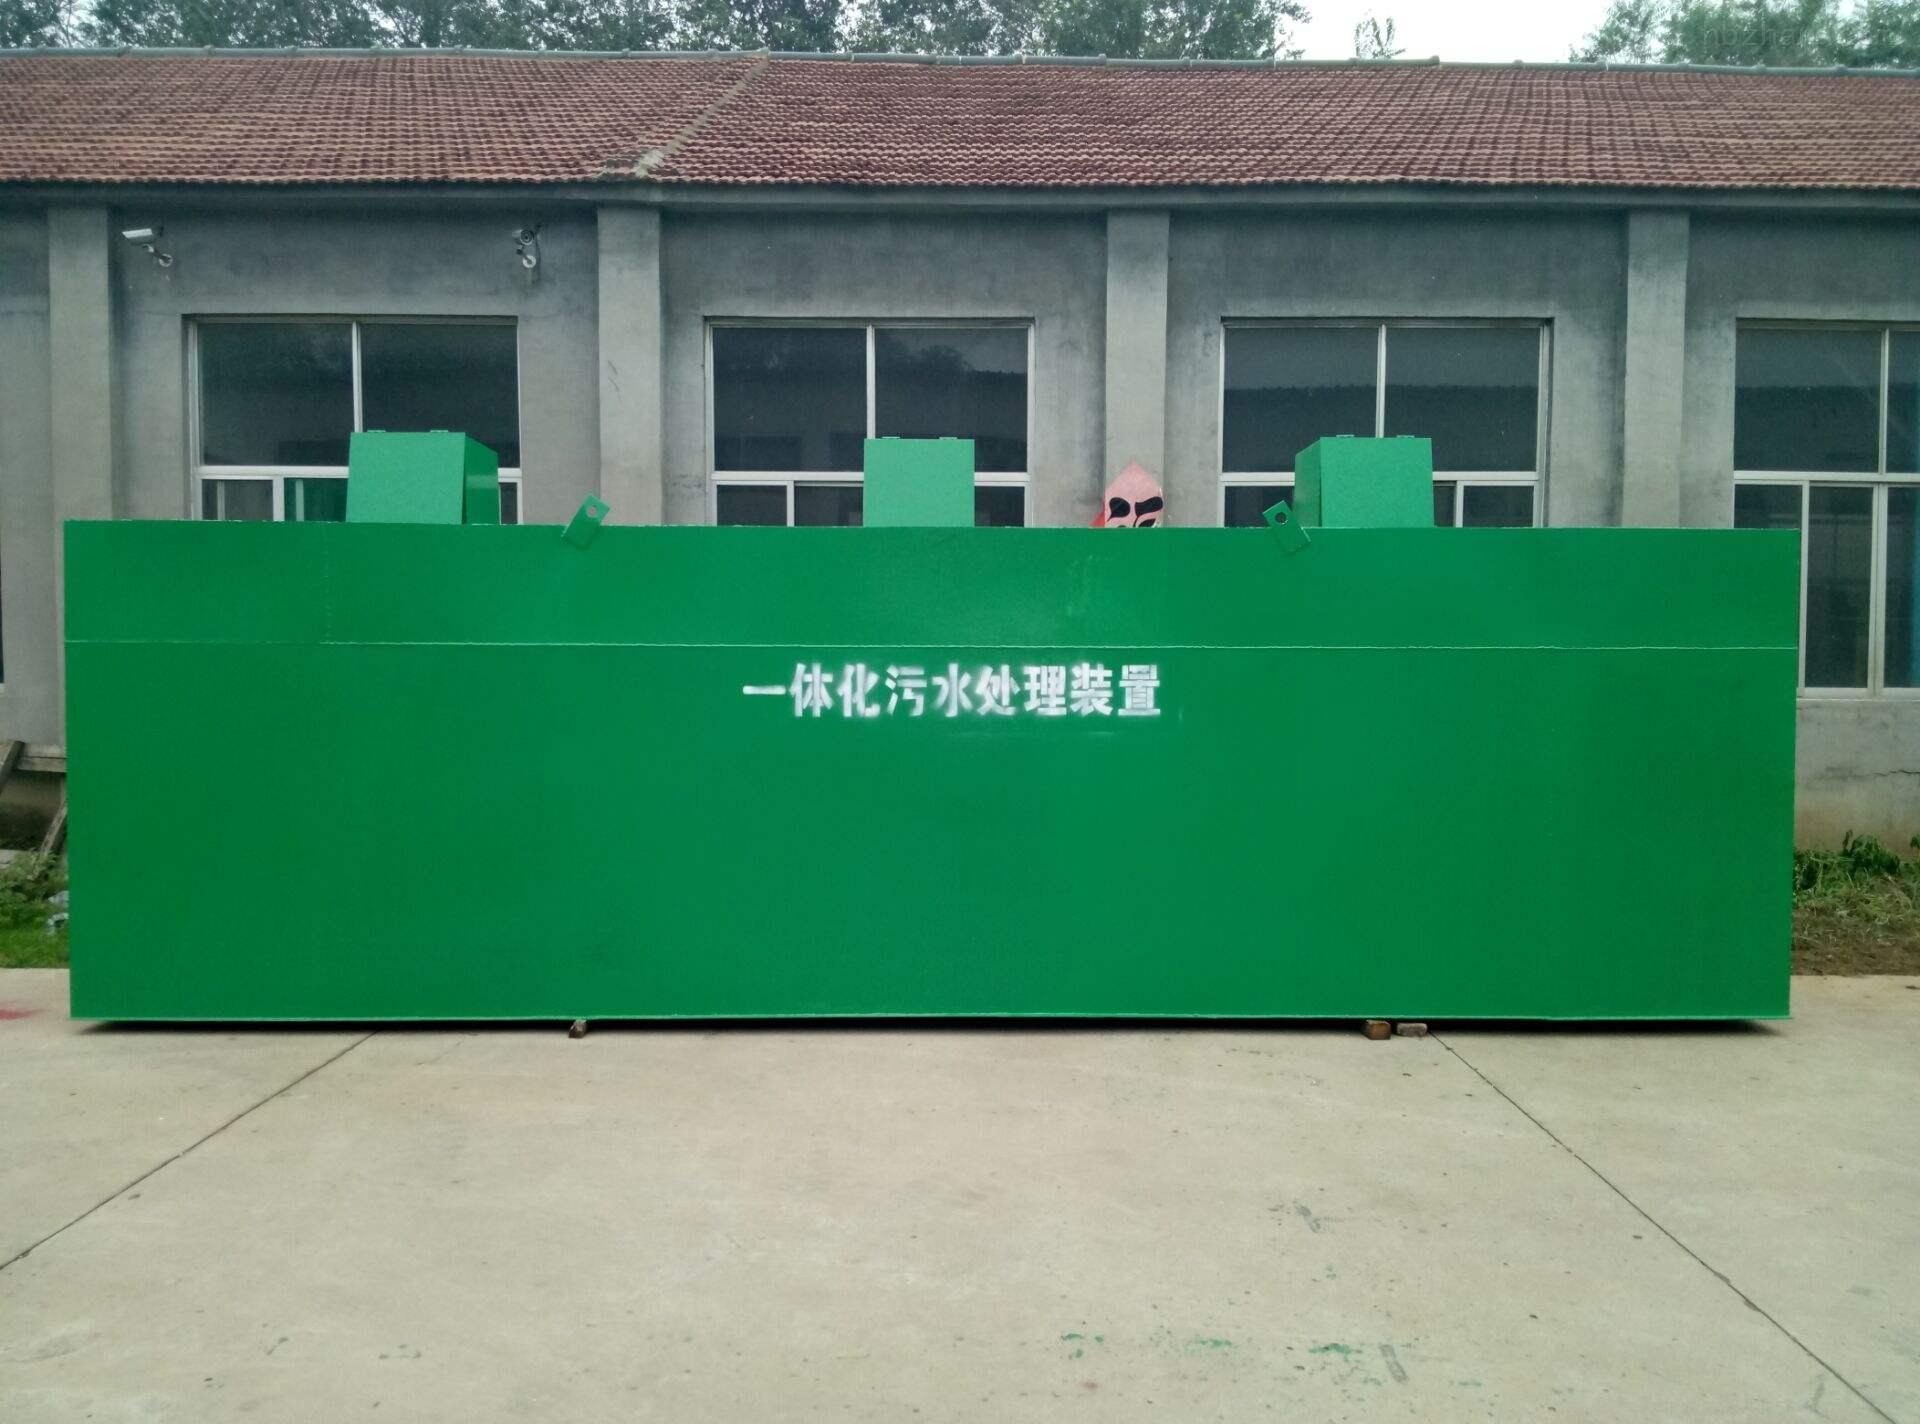 扬州住宅区生活污水处理设备